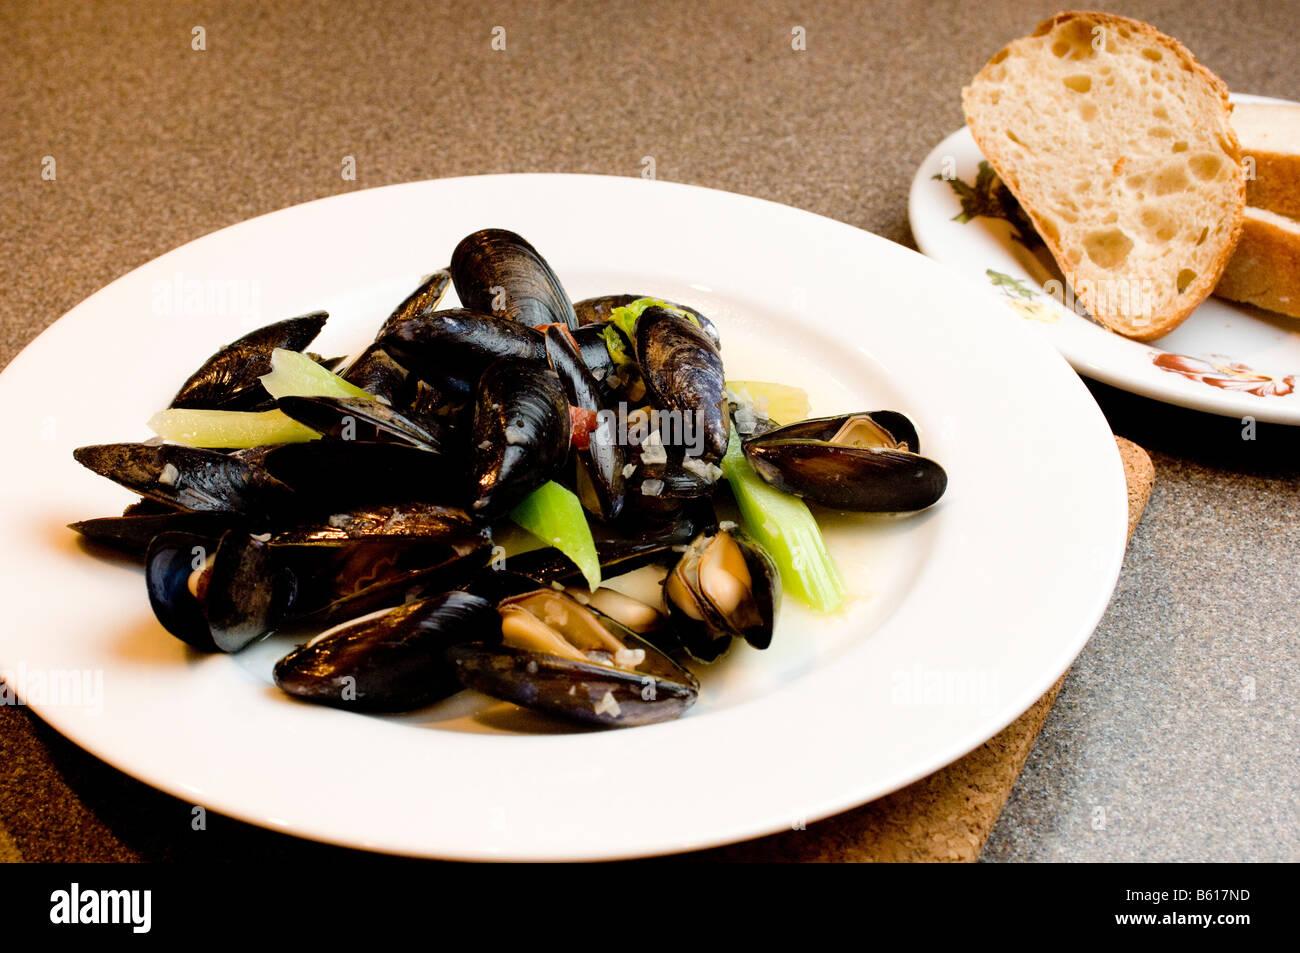 La mariniere de moules a vu sont servis dans un bol généreux Photo Stock